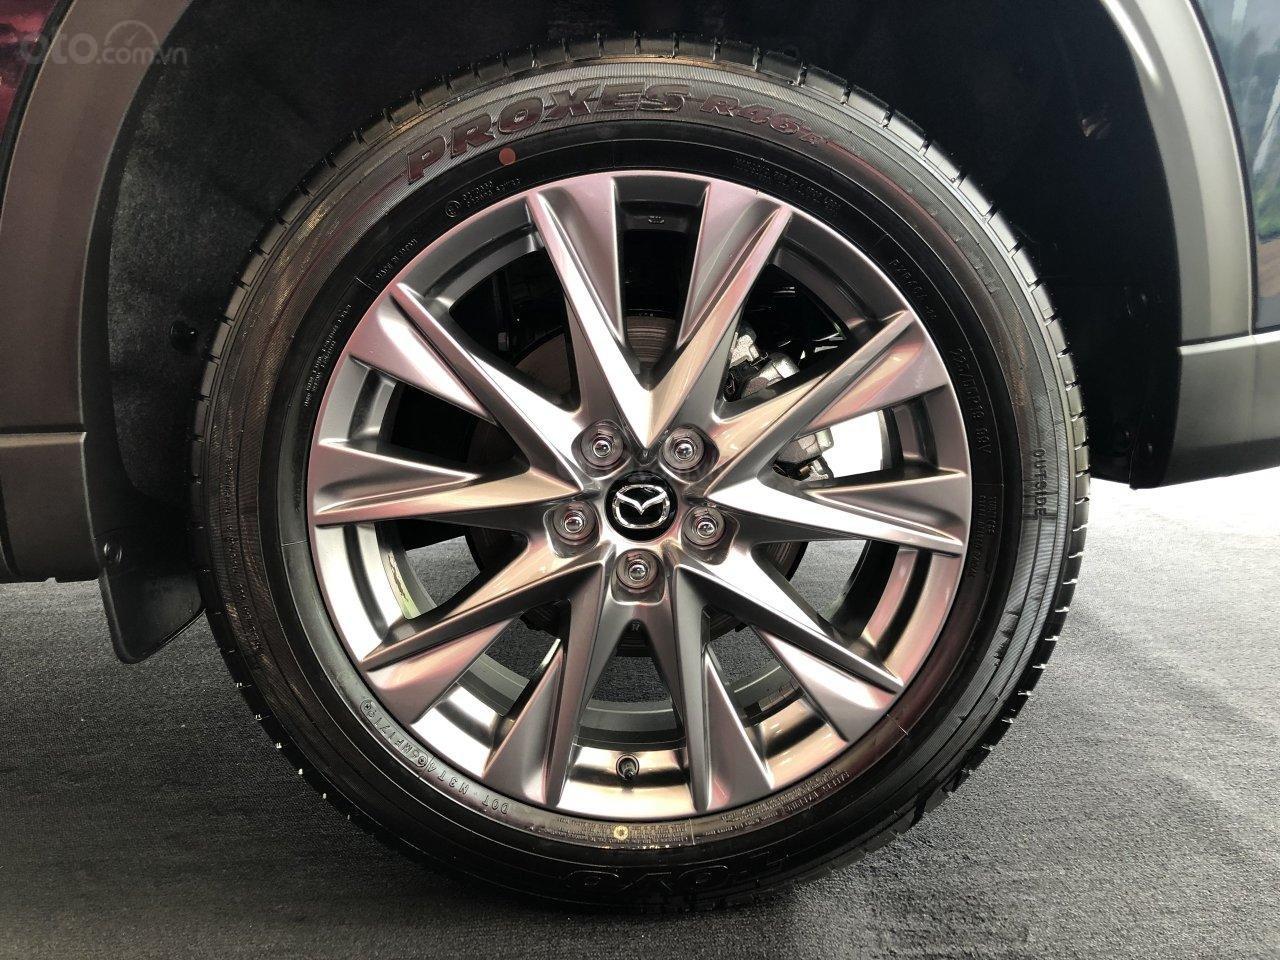 [Mazda Bình Triệu] bán Mazda CX-5 2019 giảm ngay 50 triệu. Gọi ngay 0345309502 ưu đãi thêm (8)